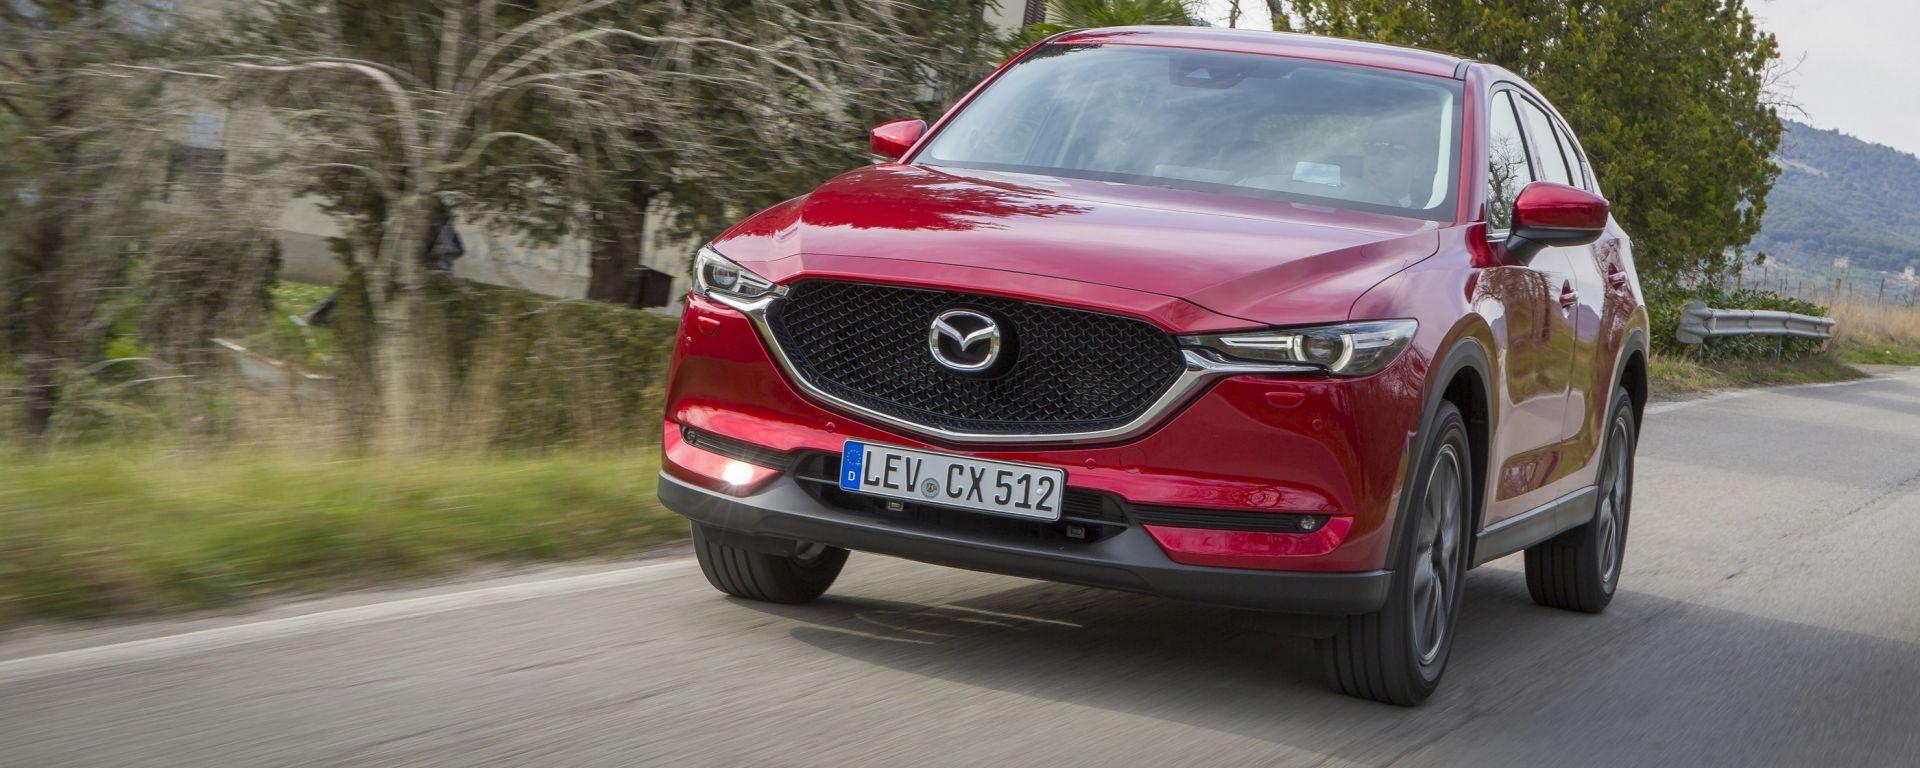 Nuova Mazda CX-5 2017: il SUV dei samurai di classe